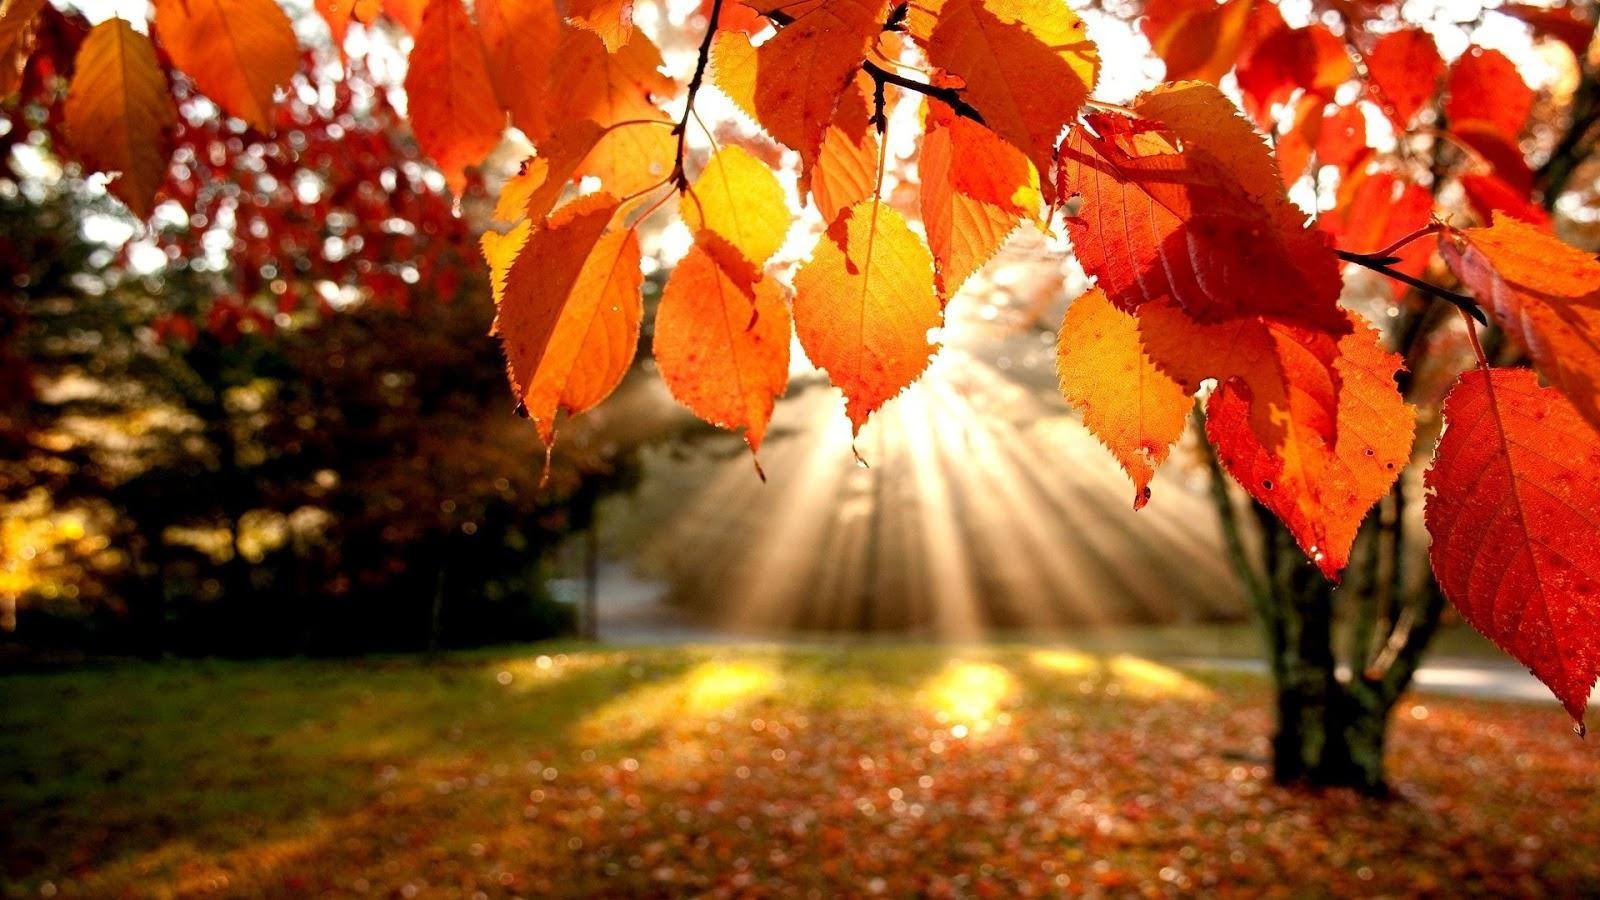 Autumn-Leaves-in-sunshine.jpg